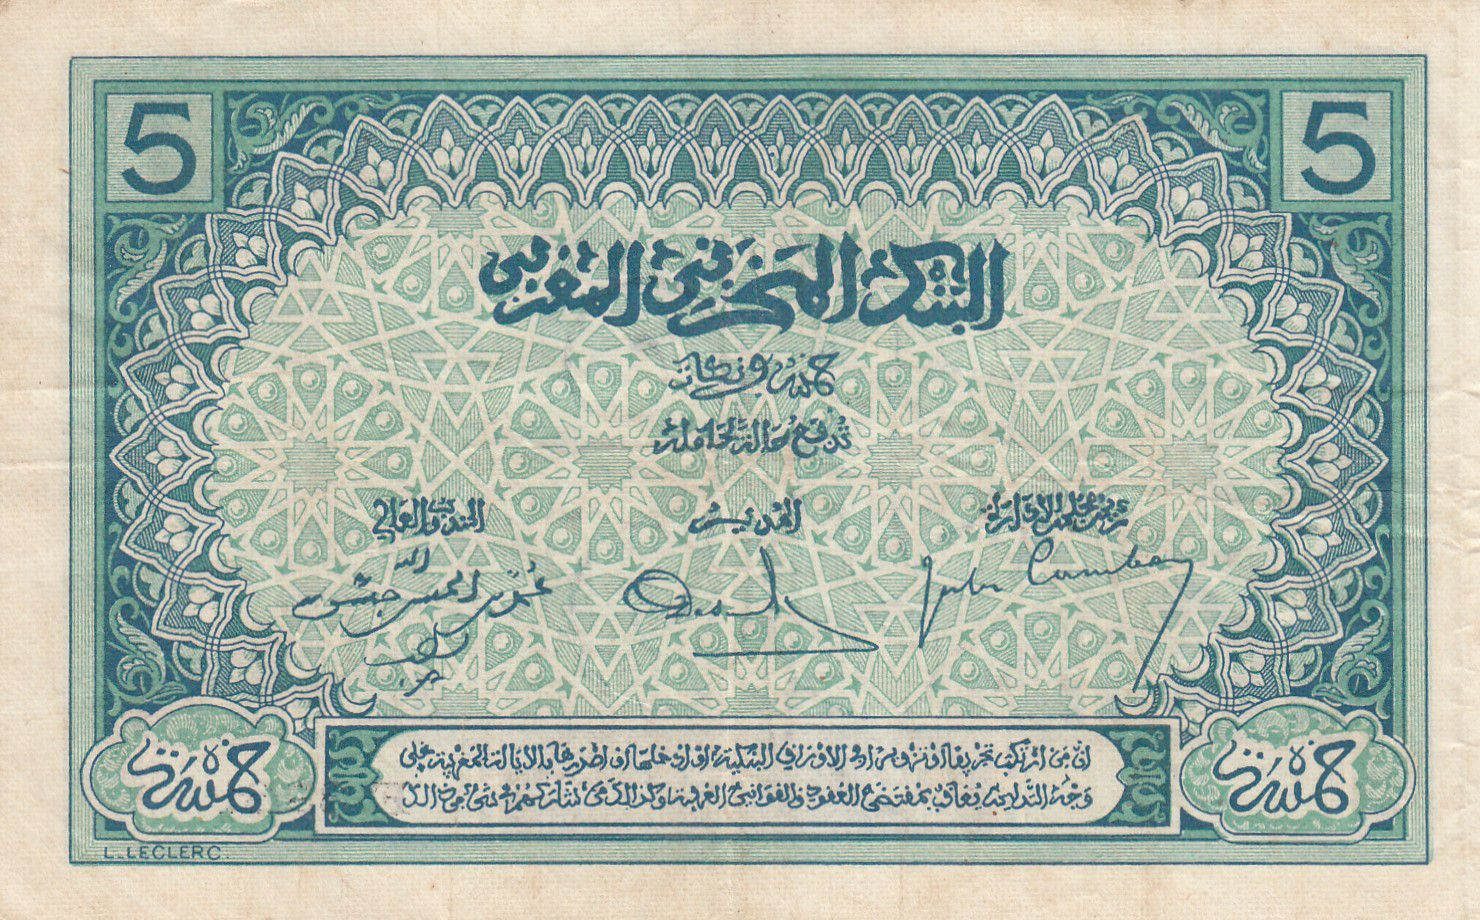 Maroc 5 Francs Ornements - 1924 - Série F.3961 - TTB - P.9